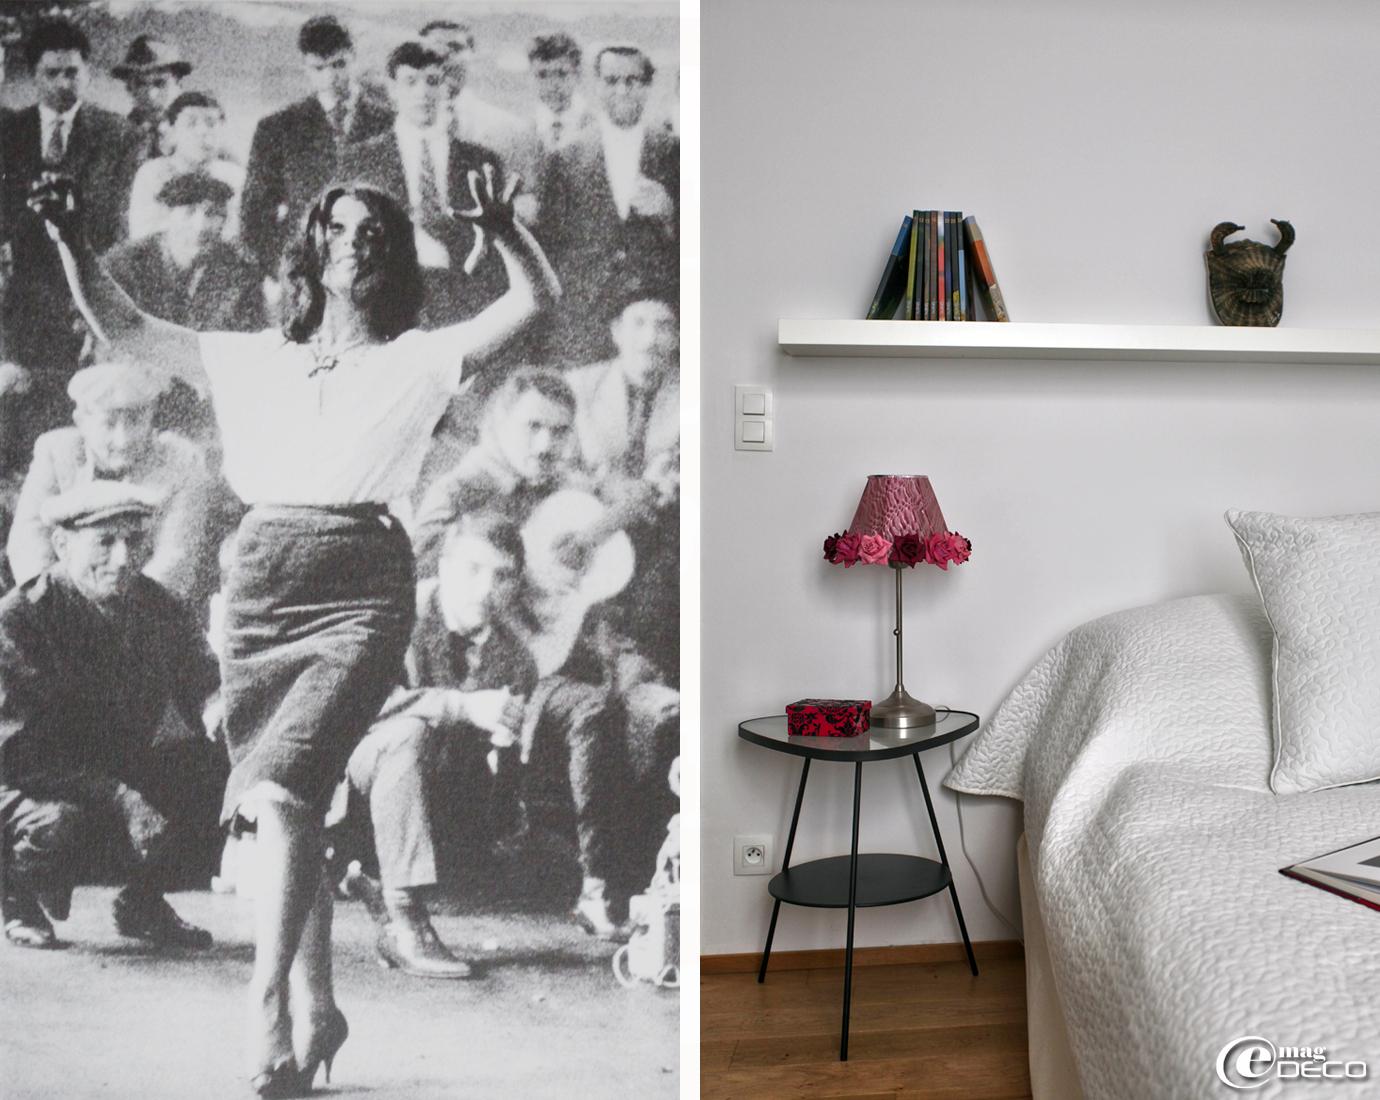 Détail d'une photo de Lucien Clergue, provenant de son livre 'Roots', Lucien Clergue est l'instigateur de l'École Nationale Supérieure de la photographie d'Arles et fondateur des 'Rencontres d'Arles'